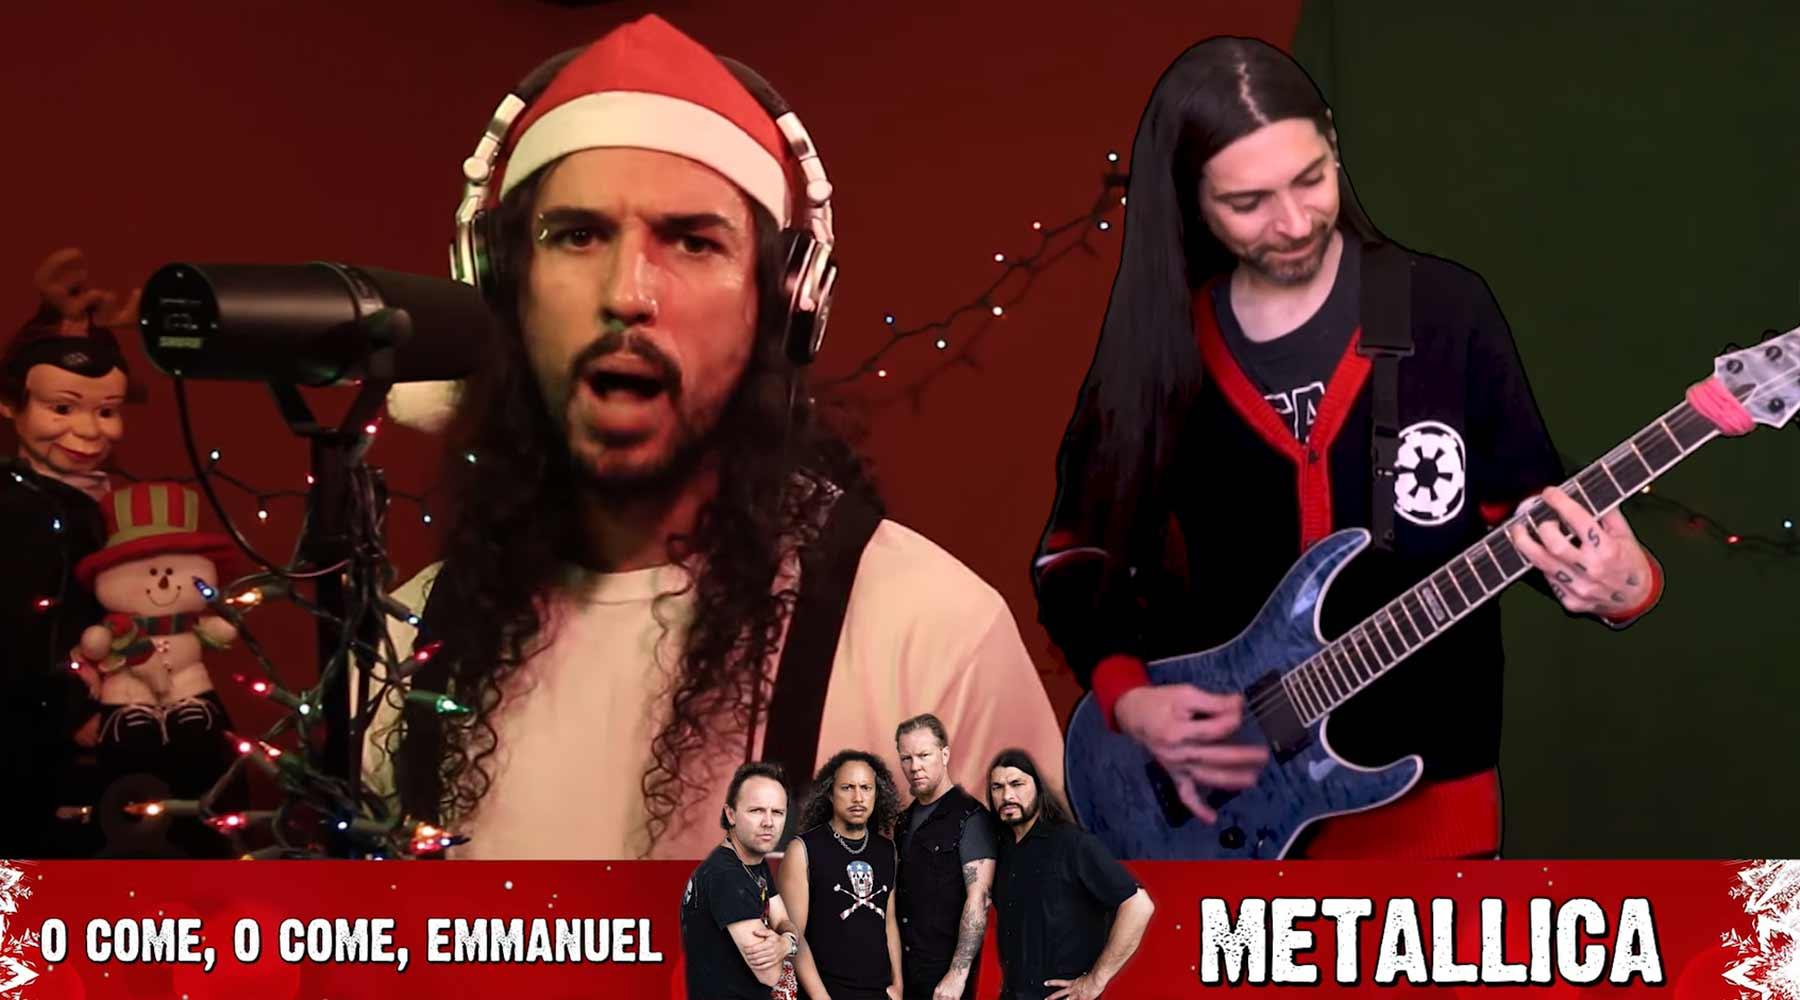 Weihnachtslieder im Stil von Metallica und Co. weihnachtslieder-im-Stile-von-metallica